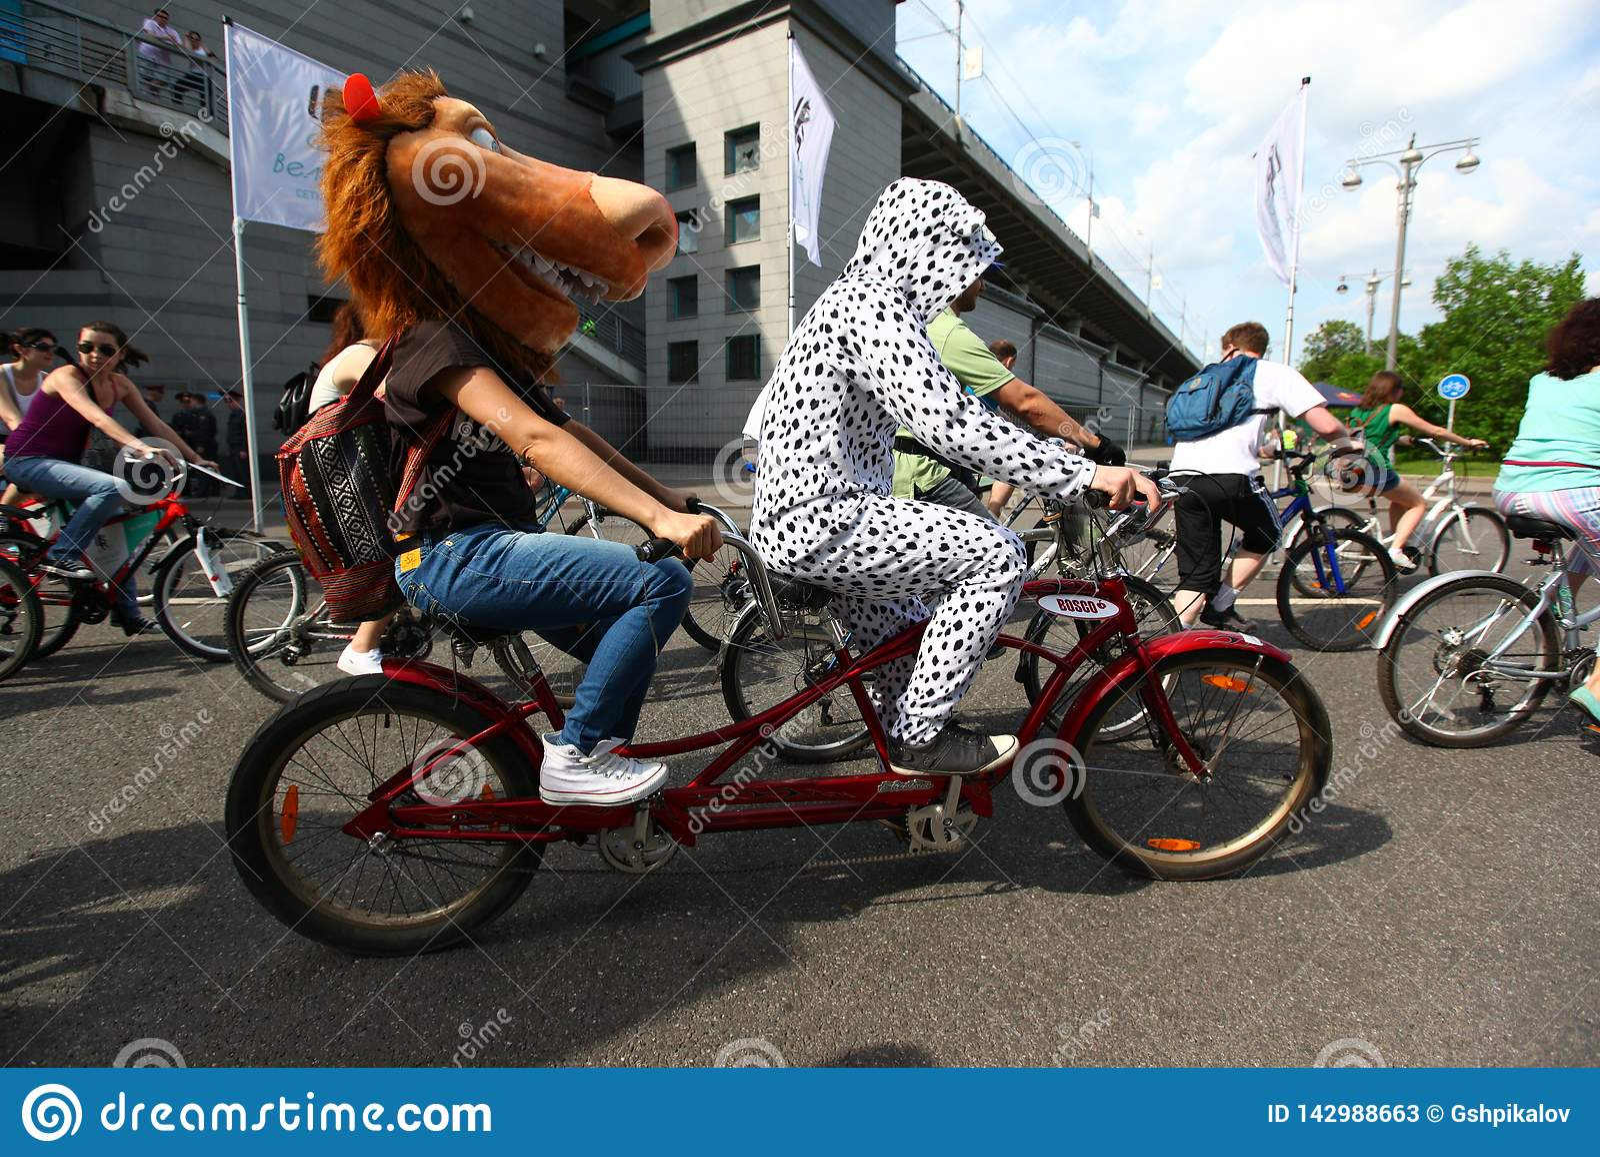 MOSCOU, RUSSIE - 20 mai 2002 : Le défilé de recyclage, le cheval et le dalmation de ville ont costumé des participants sur un vél